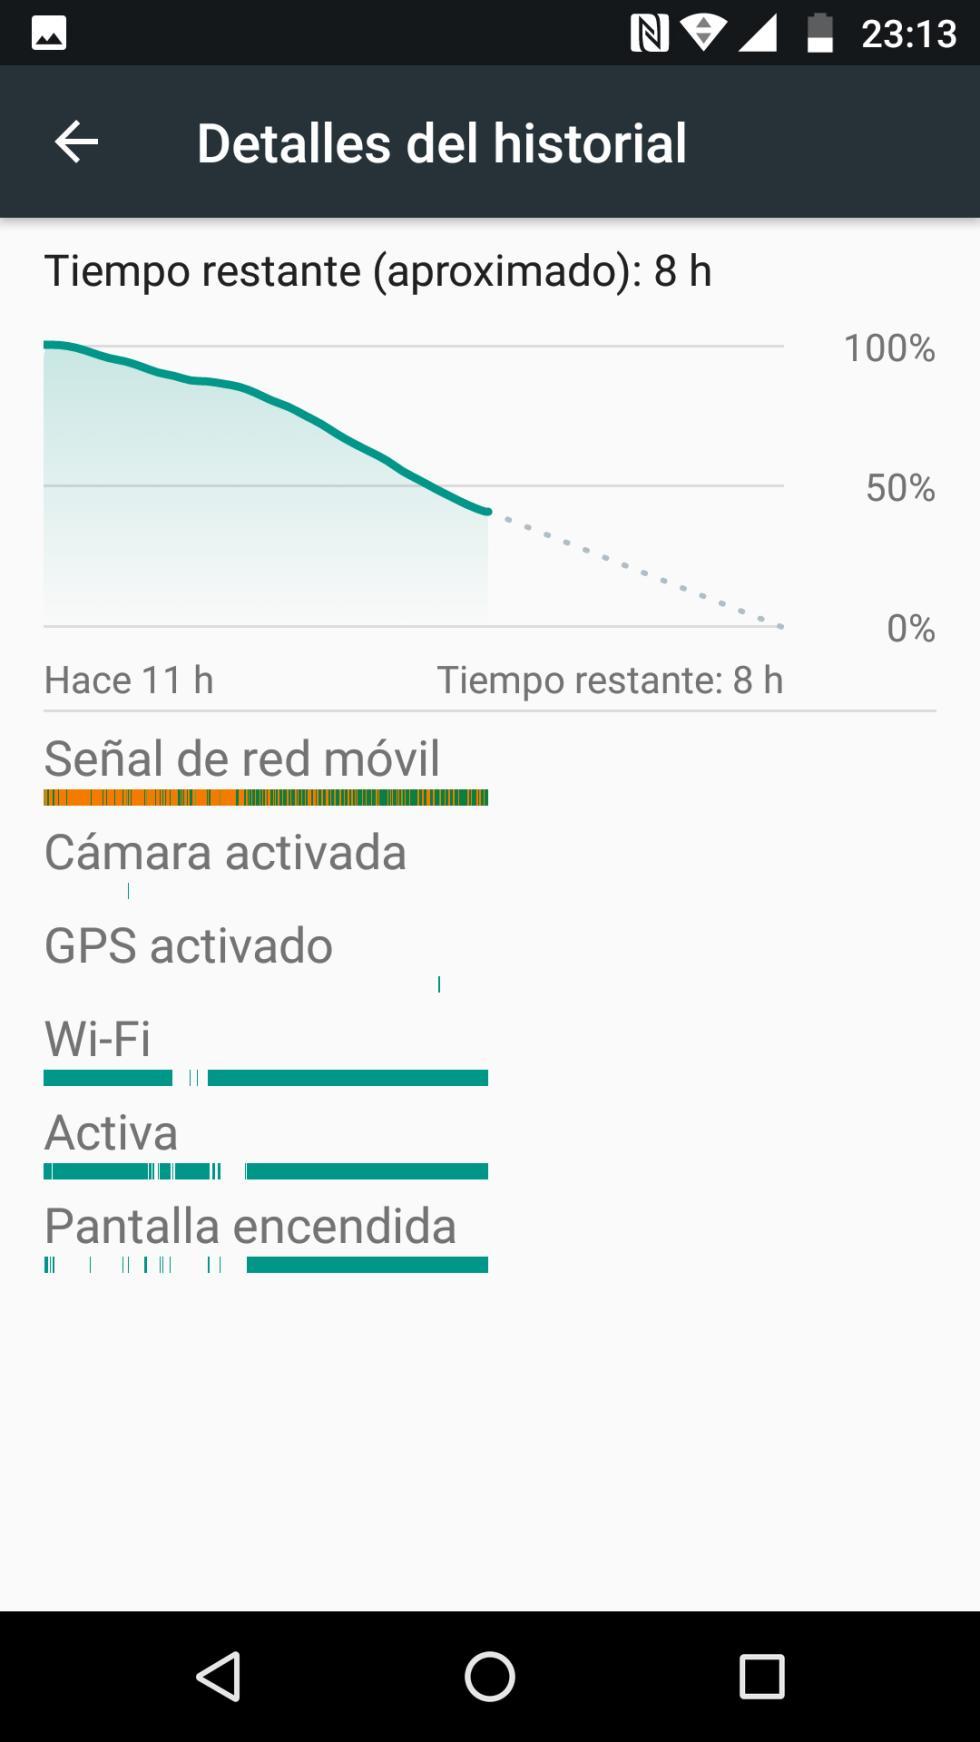 Batería del Moto Z2 Play: consumo, autonomía y opciones de ahorro